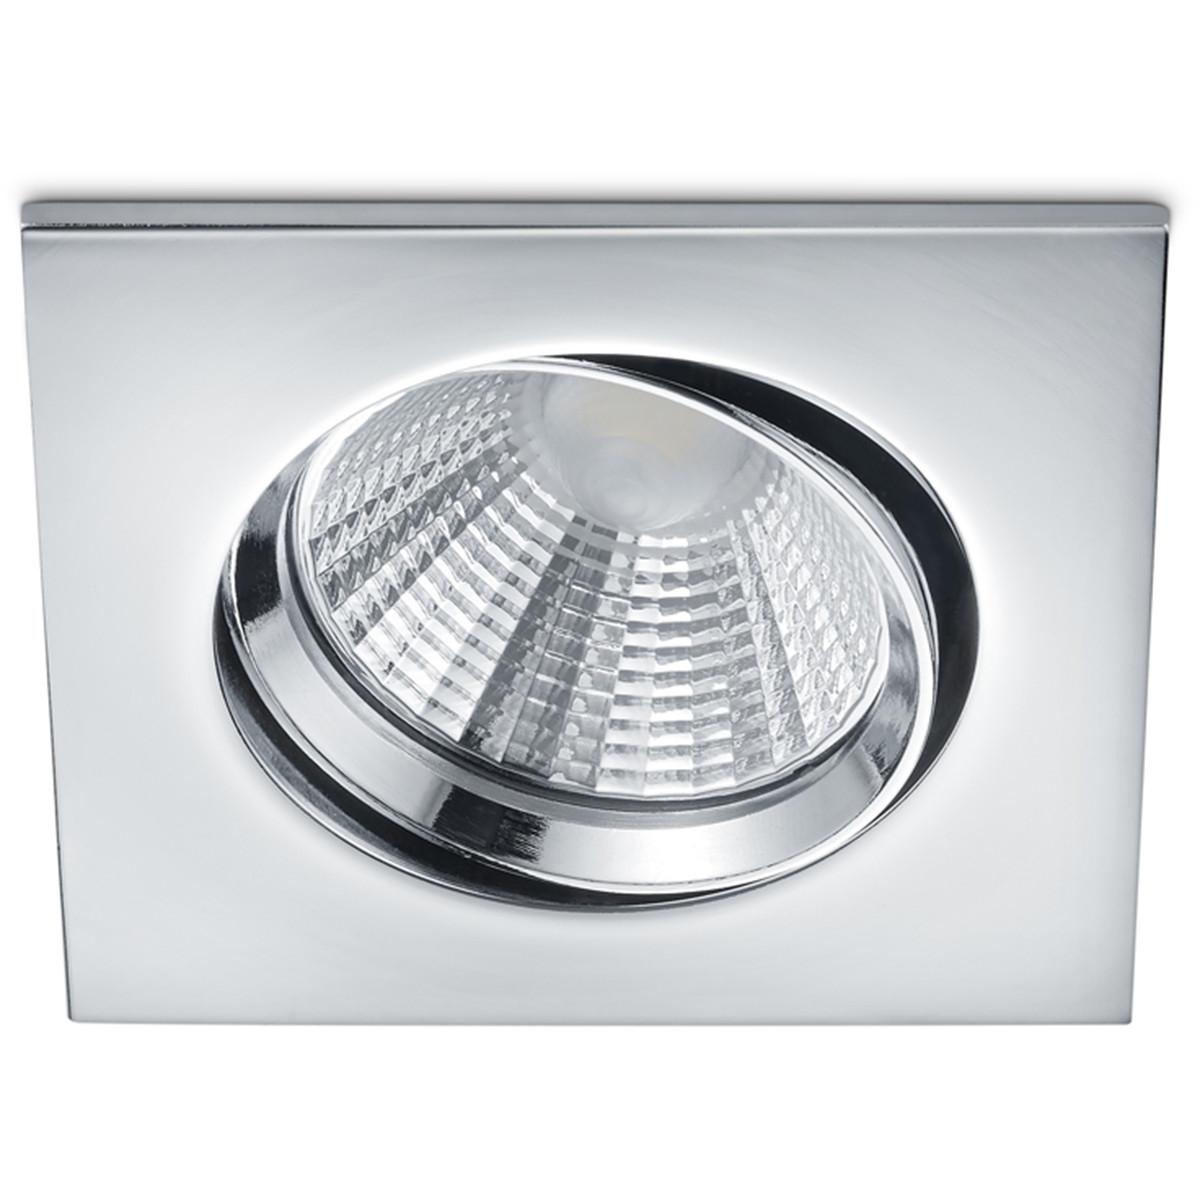 LED Spot - Inbouwspot - Trion Paniro - Vierkant 5W - Dimbaar - Warm Wit 3000K - Mat Chroom - Aluminium - 80mm